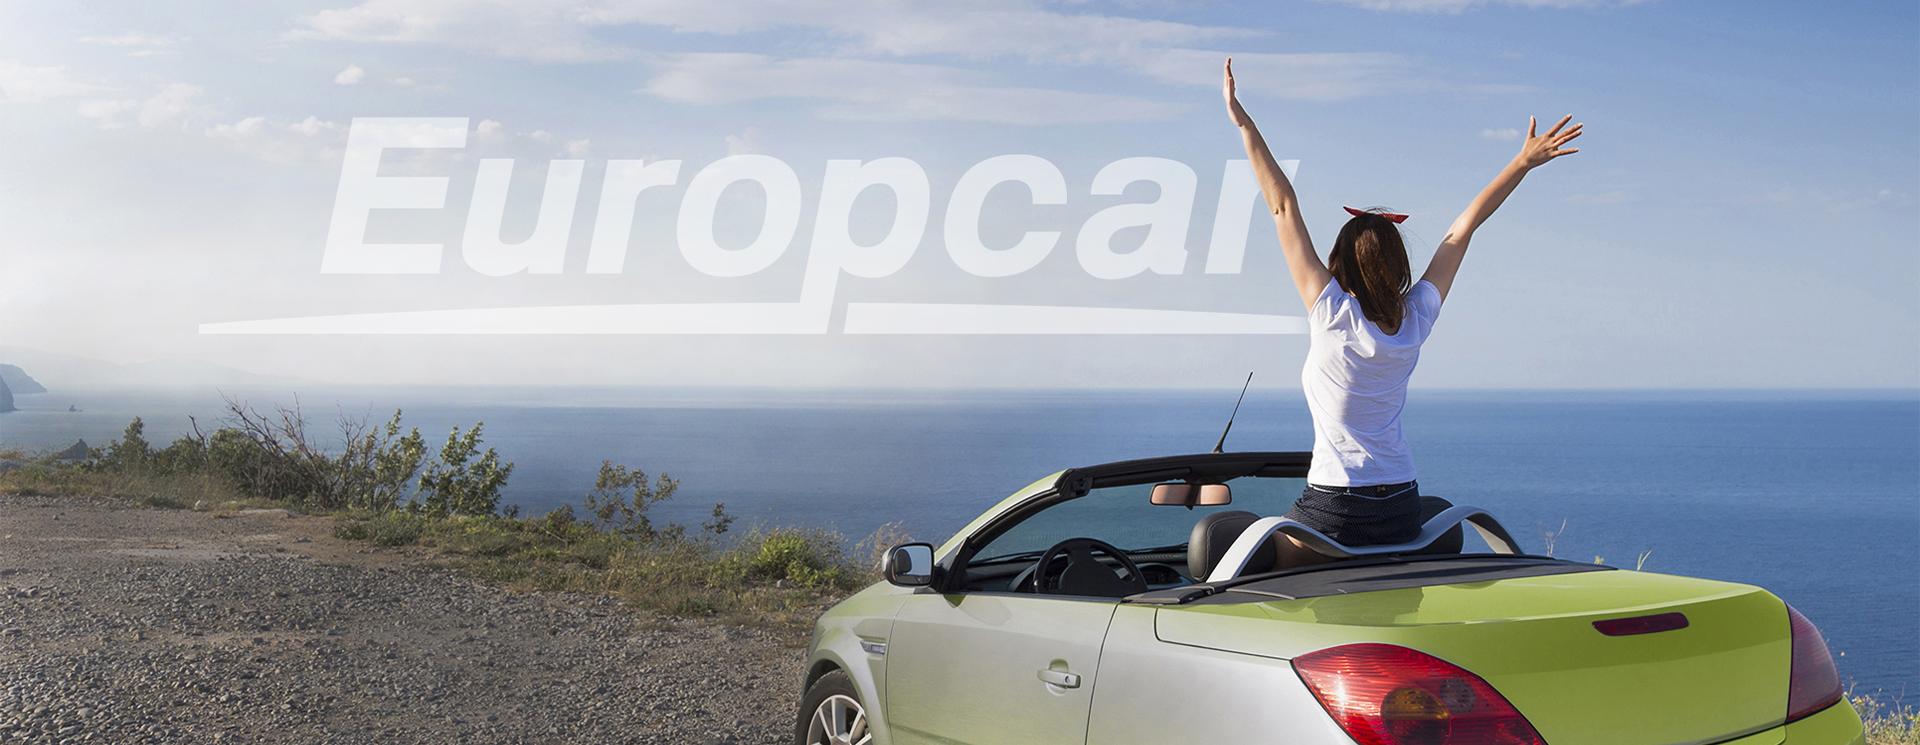 Digital Platform for Car Rental image